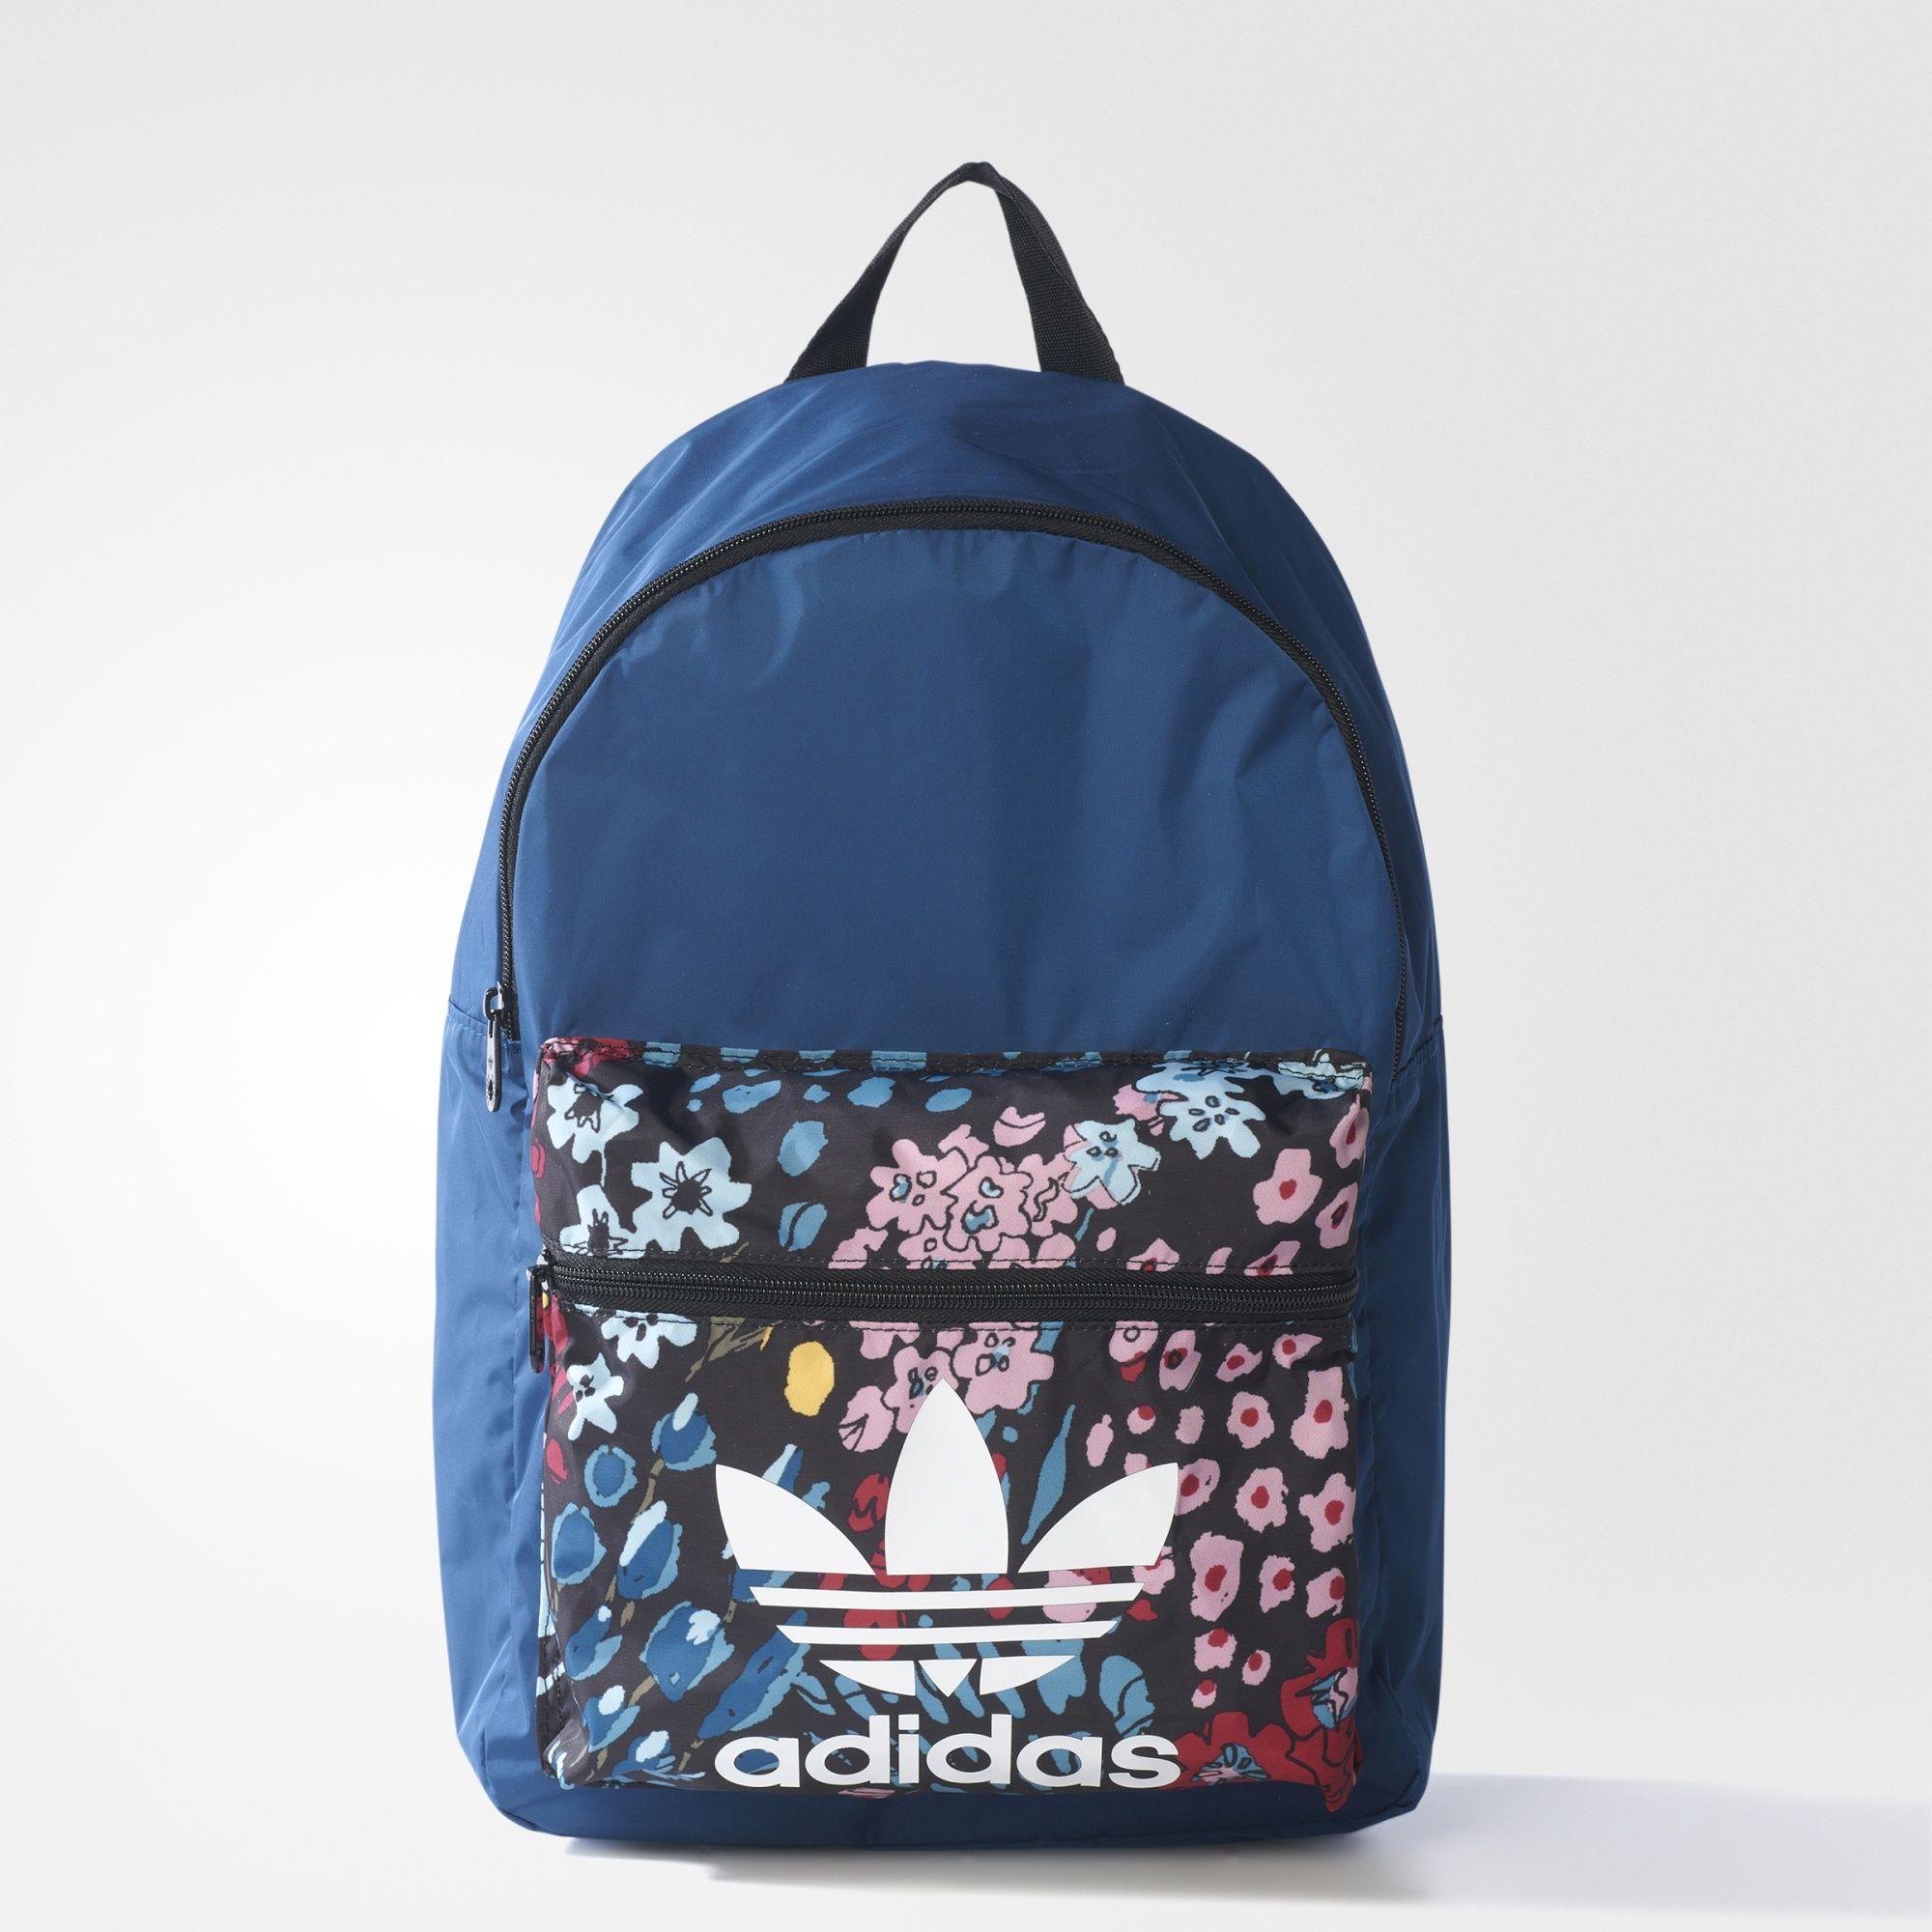 Bolsa Escolar Feminina Adidas : Esta mochila feminina leva voc? de volta aos anos com o